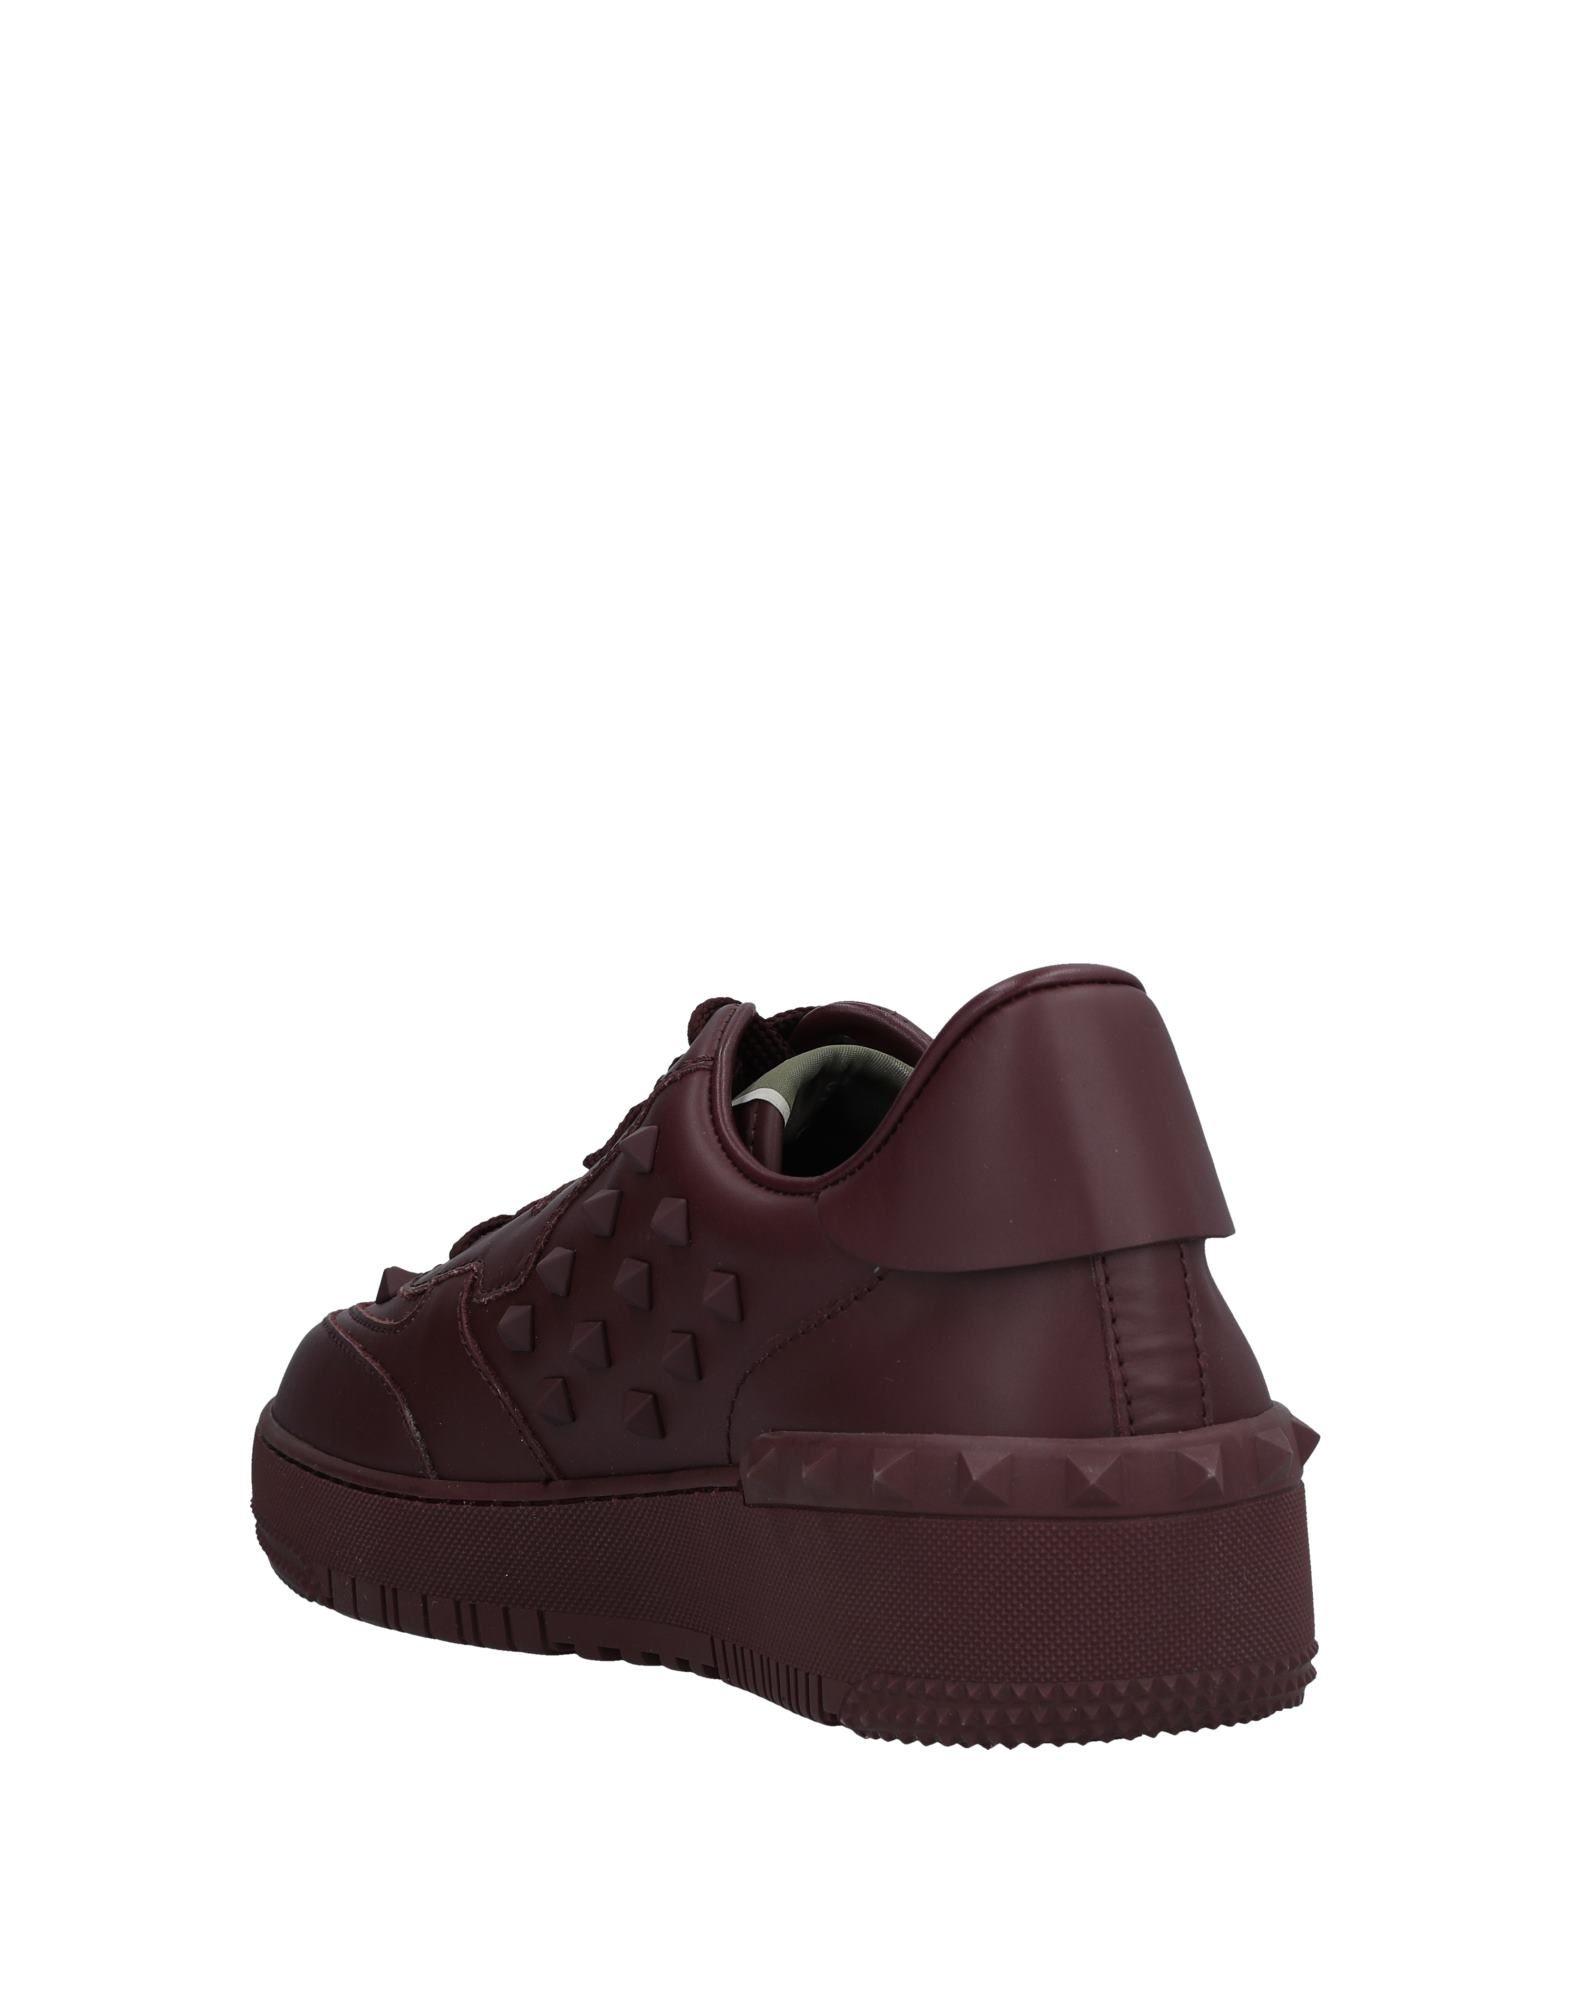 Valentino 11540438CJ Garavani Sneakers Herren  11540438CJ Valentino Gute Qualität beliebte Schuhe 9117dc